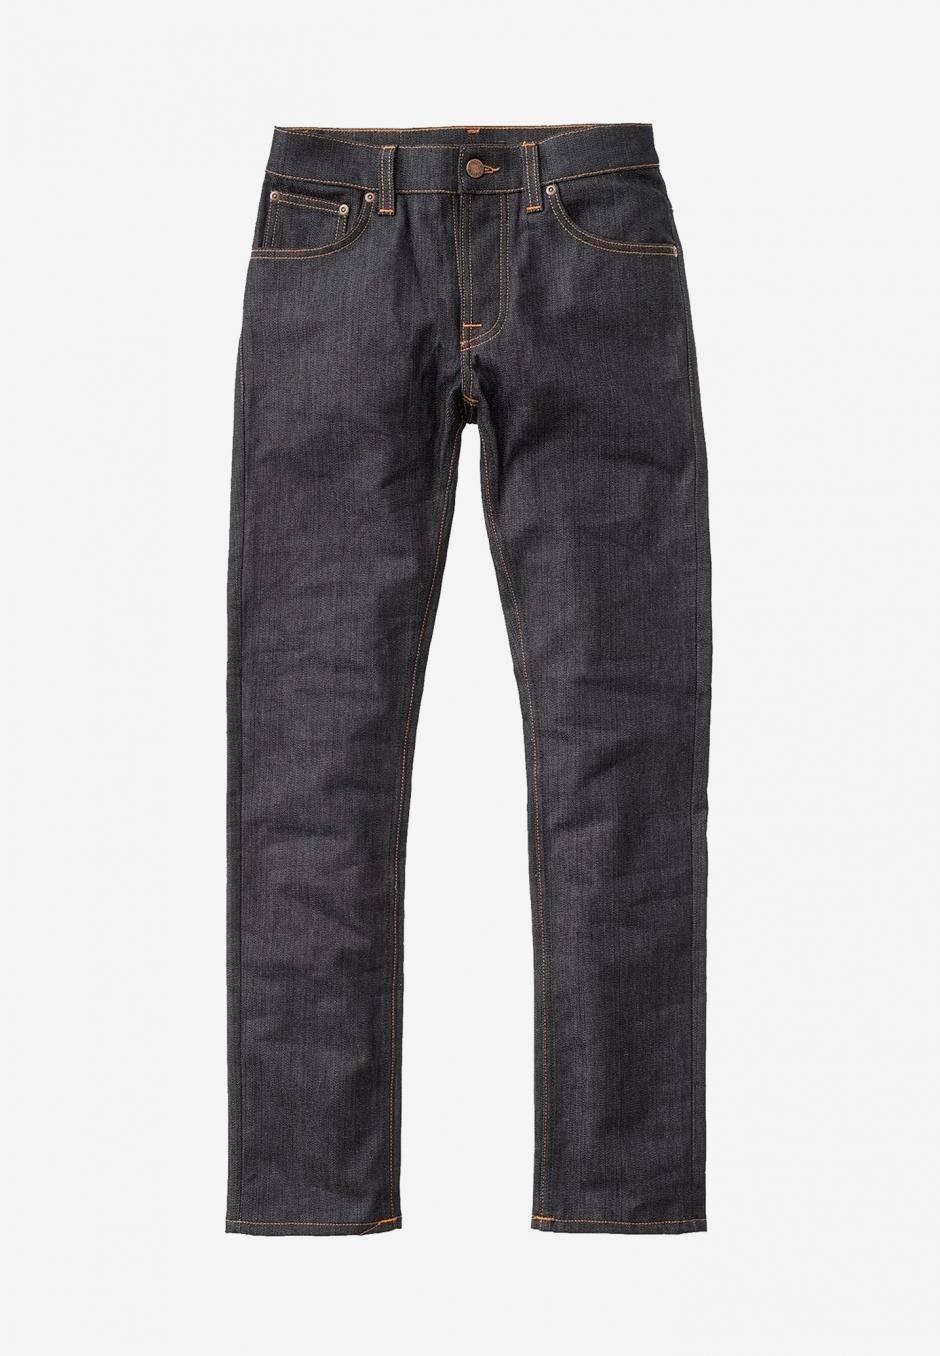 Nudie Jeans Grim Tim Dry Open navy